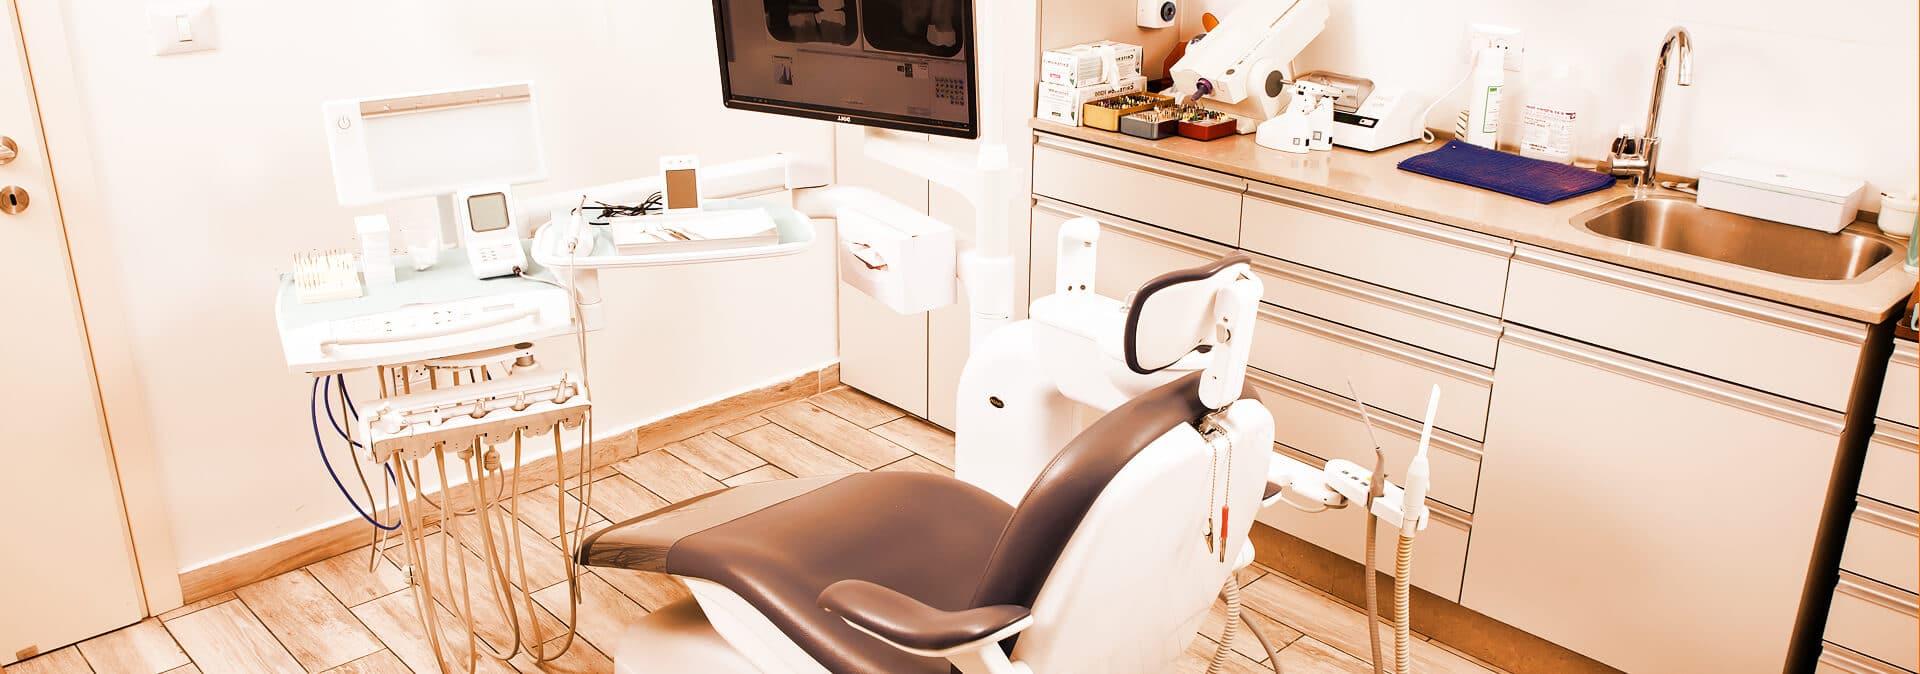 מרפאת שיניים בראשון לציון